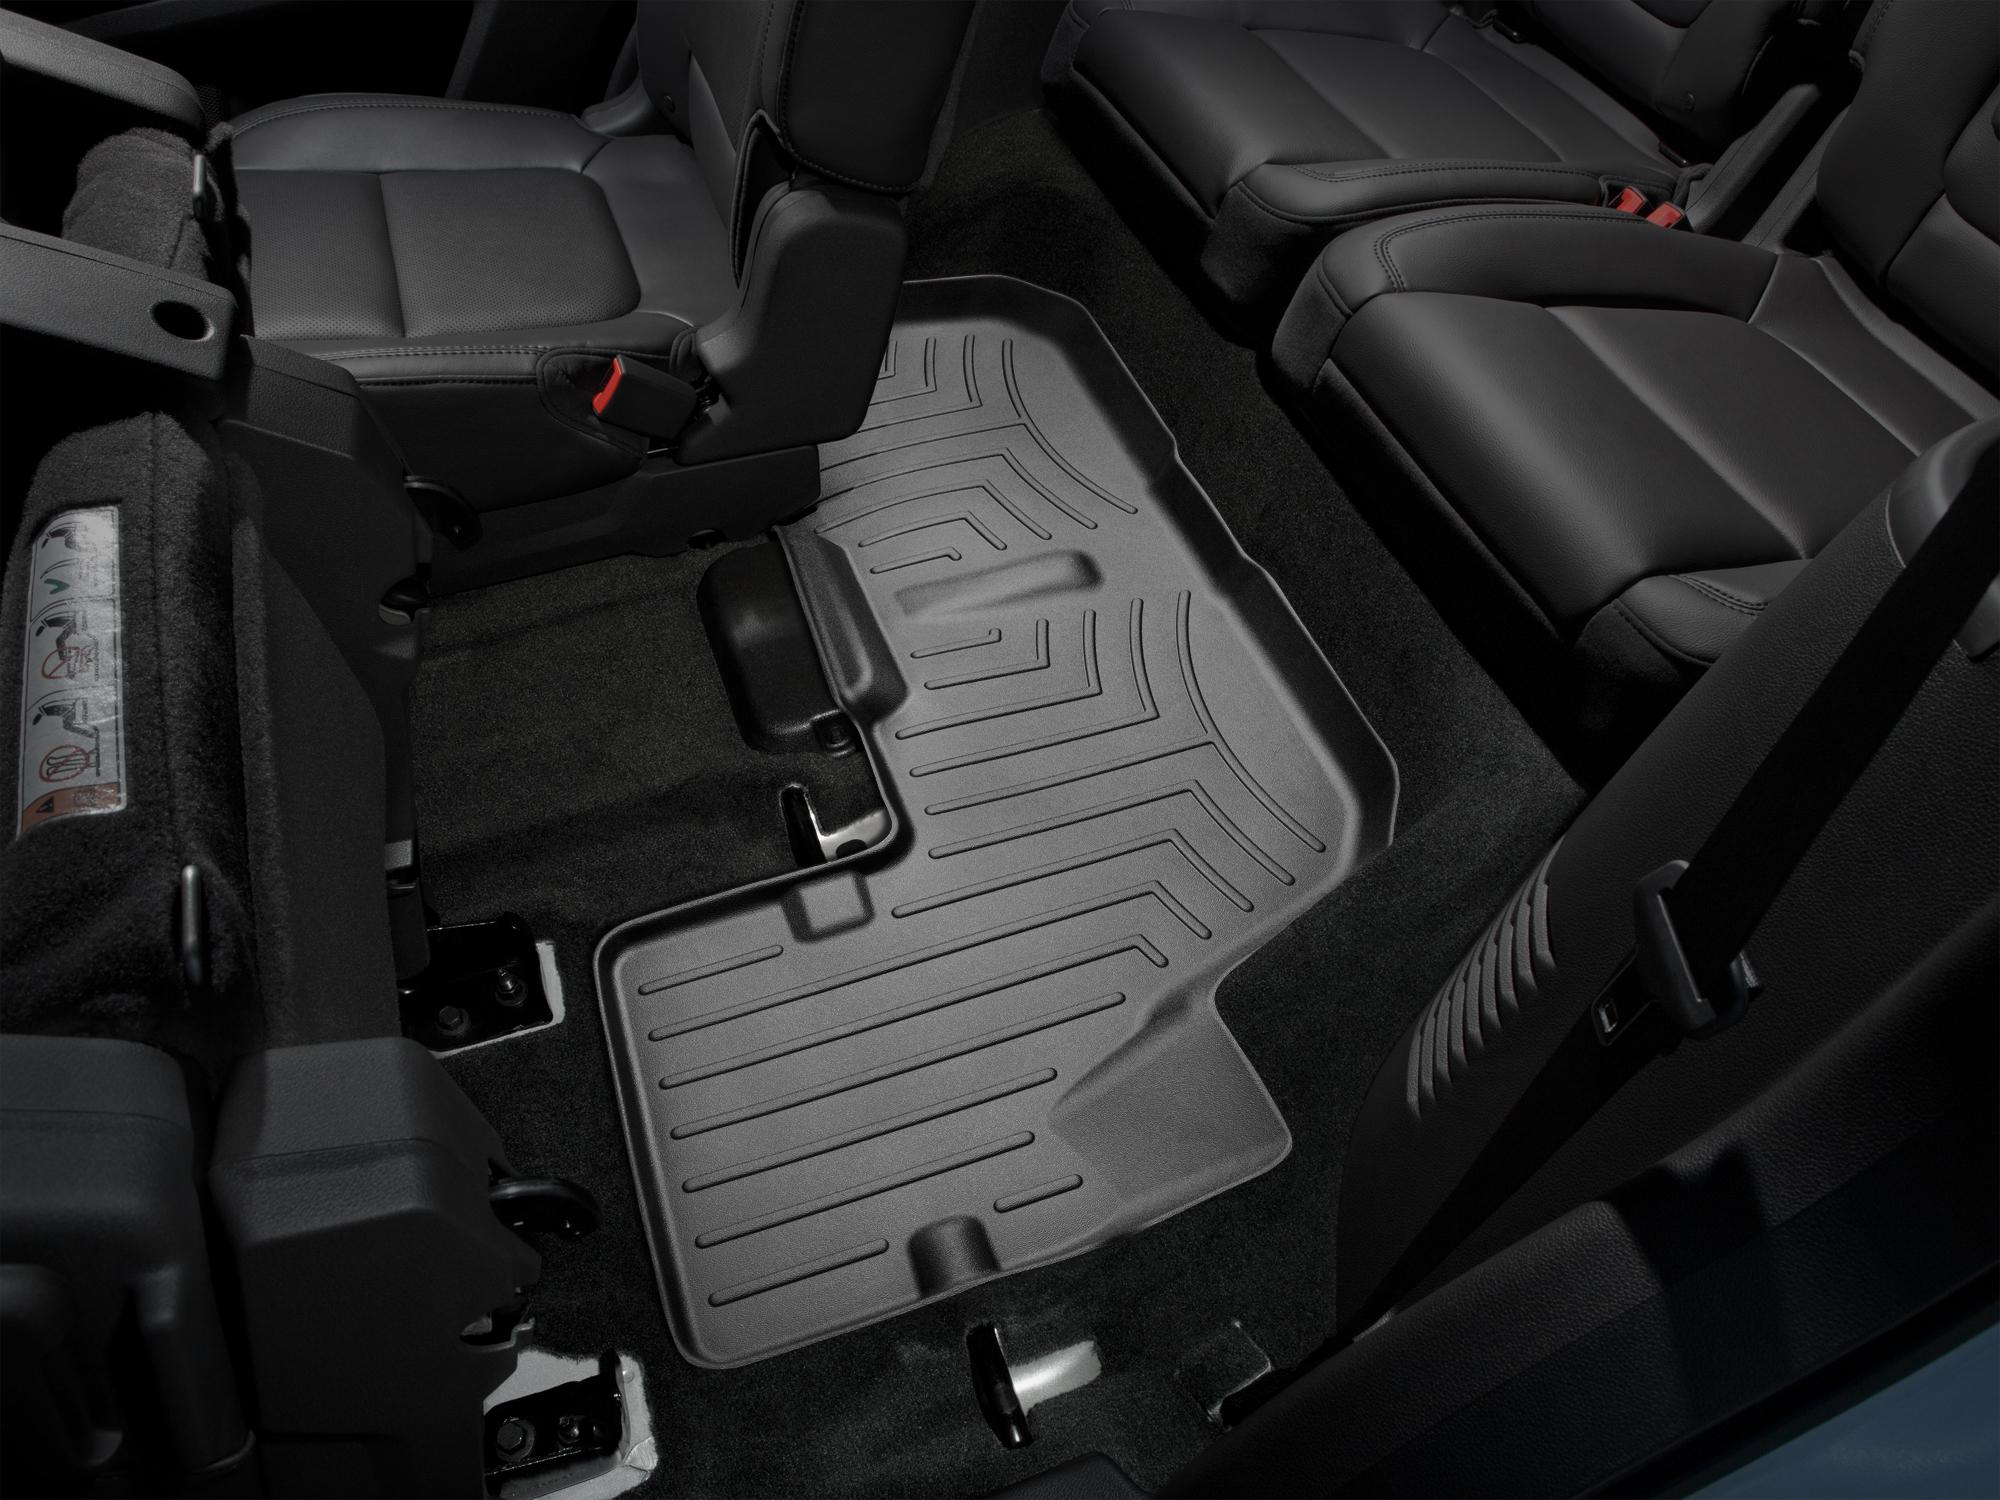 Tappeti gomma su misura bordo alto Ford Explorer 11>17 Nero A878*